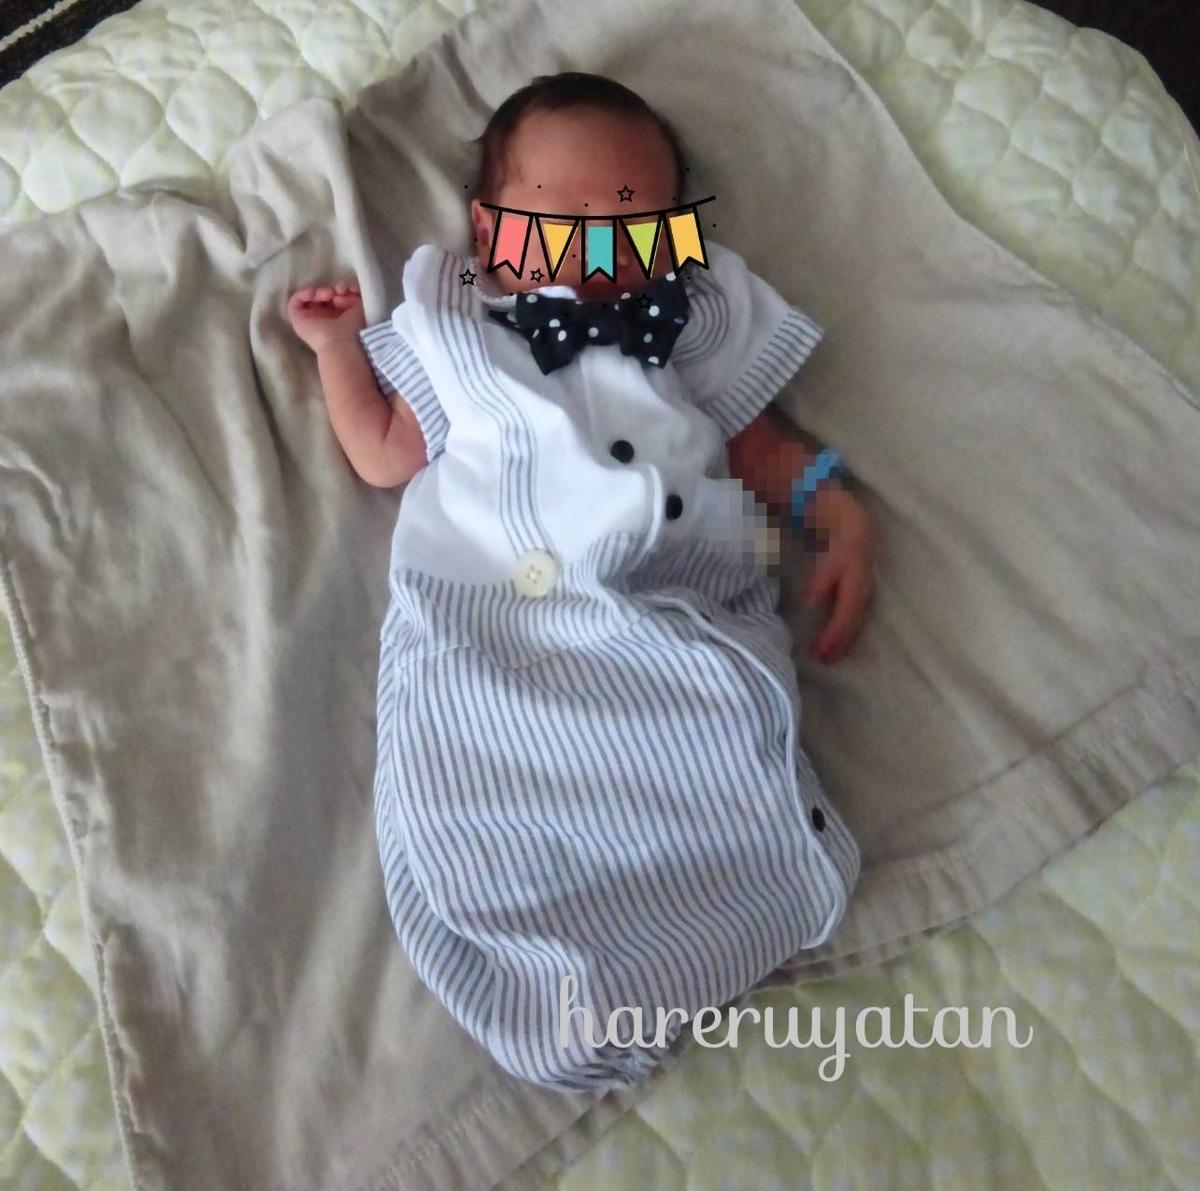 万能ガーゼタオルをおくるみ代わりにしている息子の写真